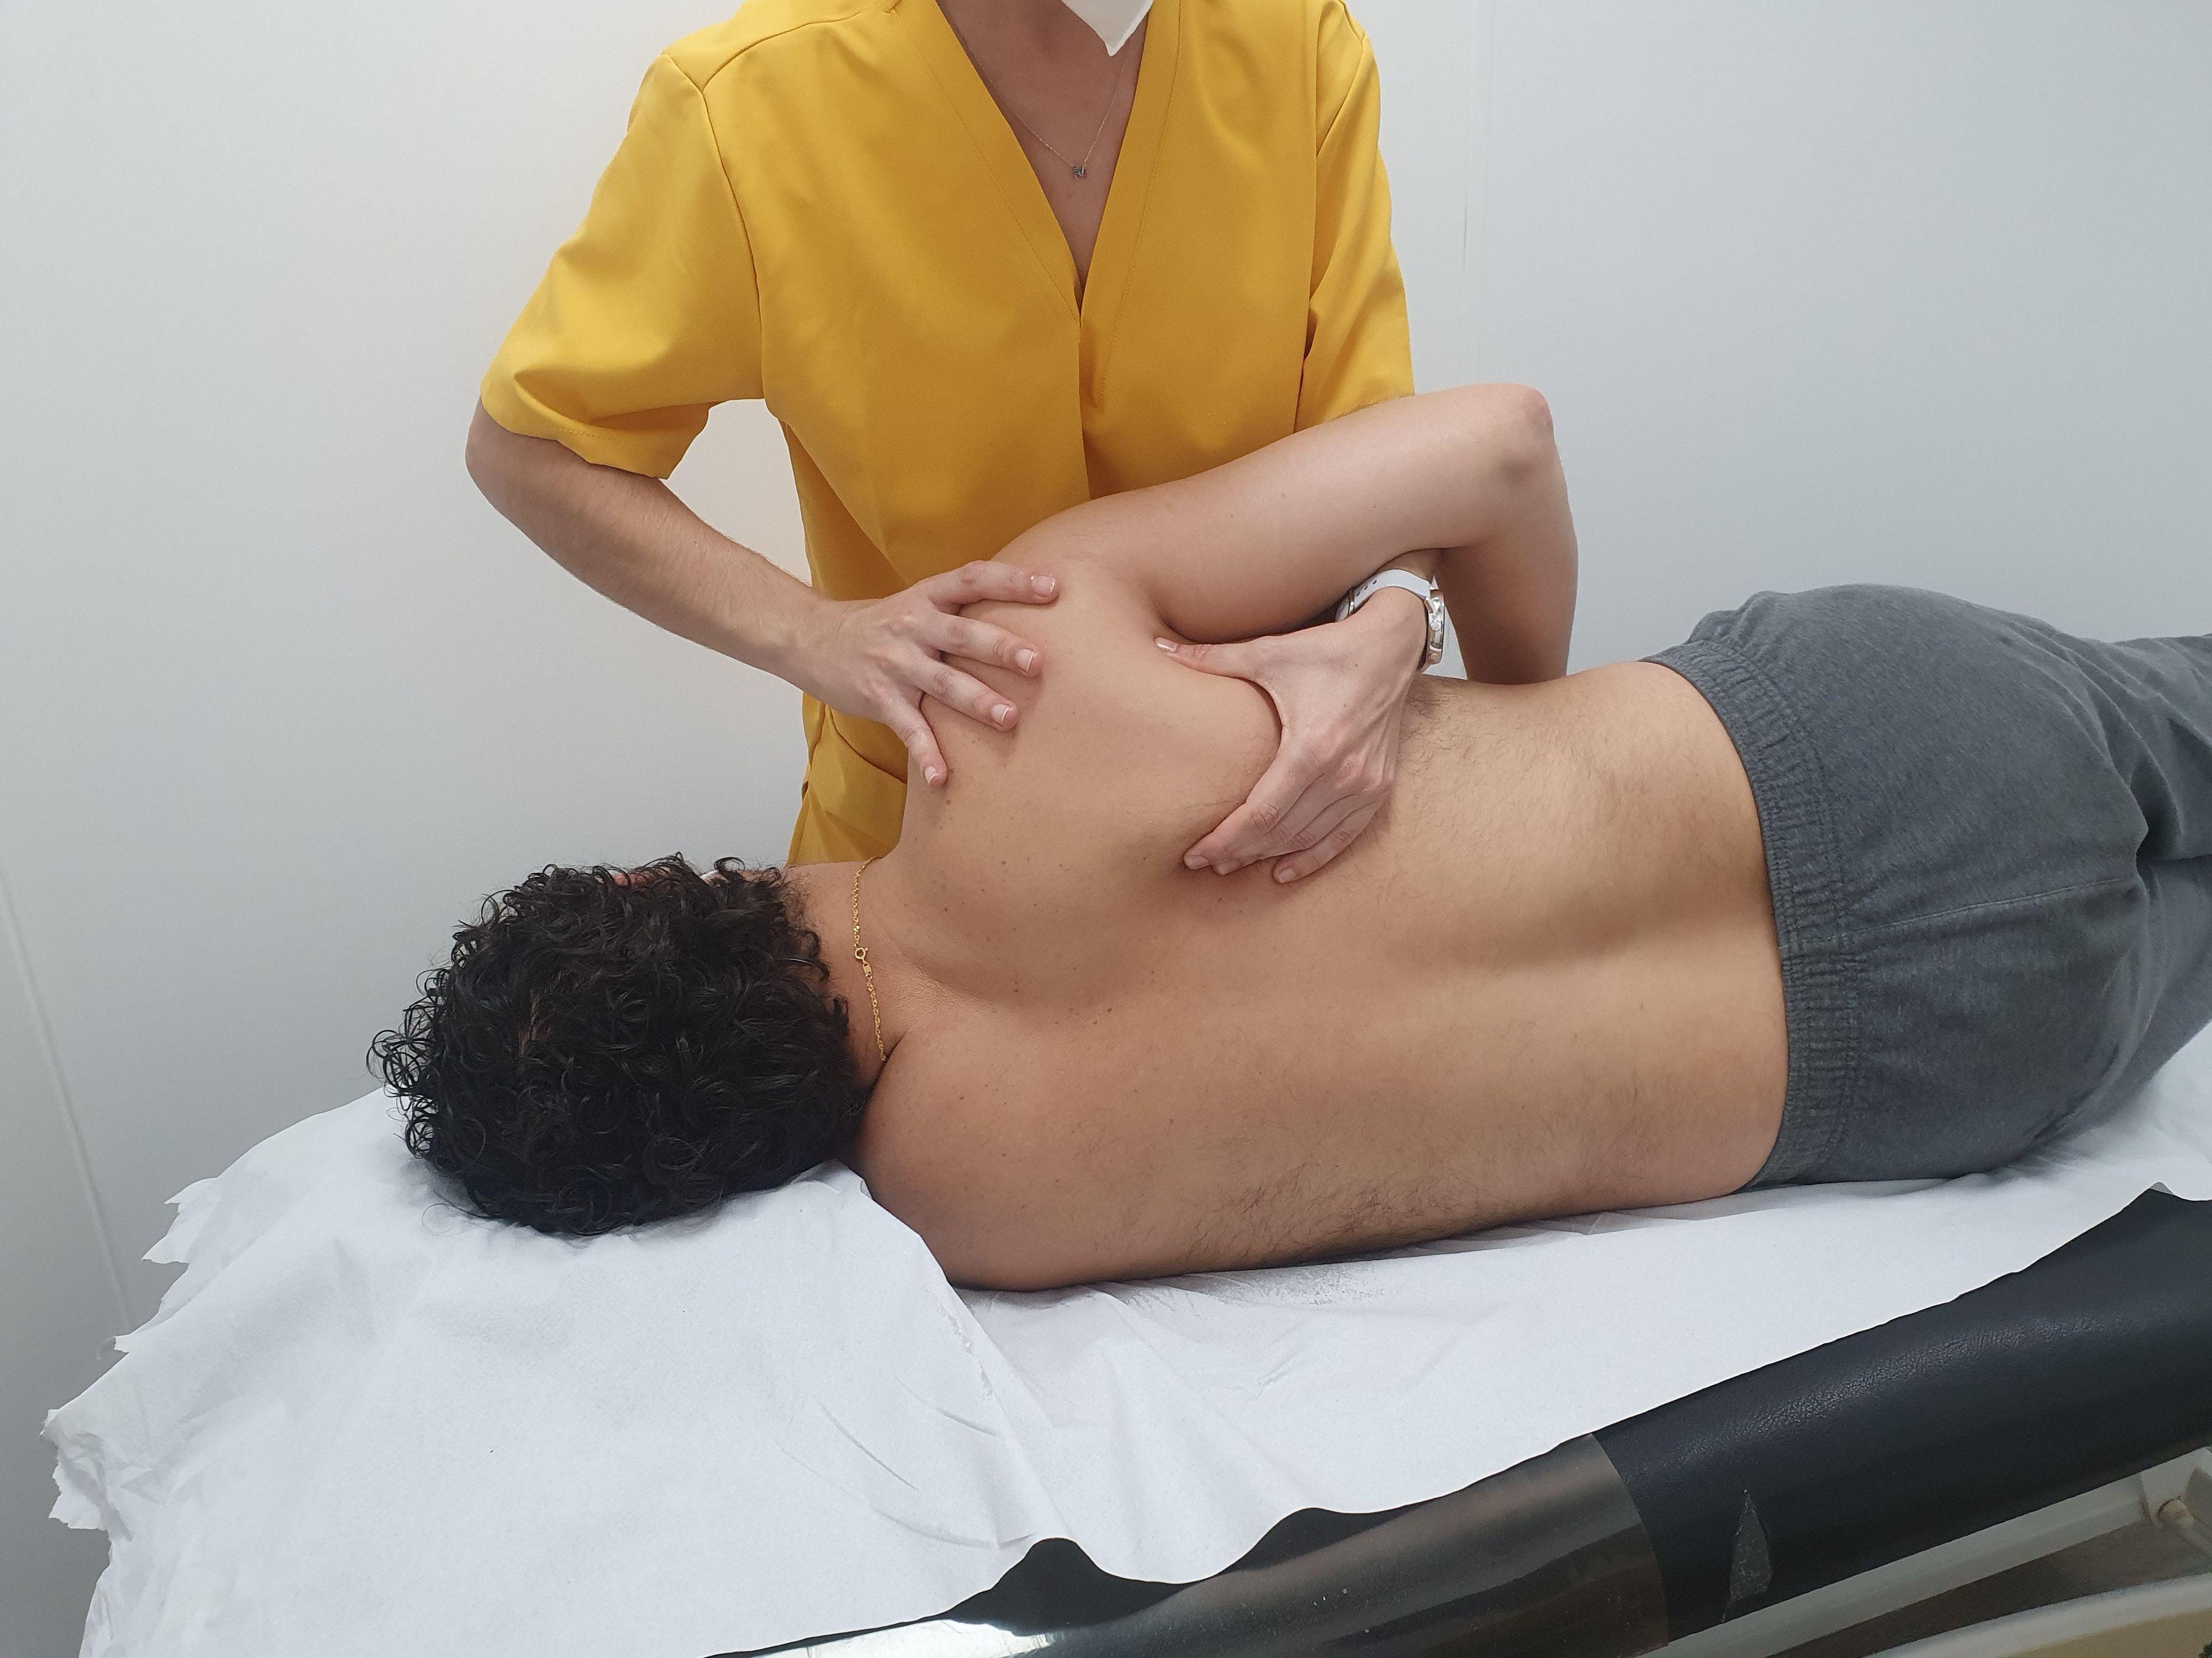 Foto 20 de Fisioterapia en El Ejido | Fisioterapia Alberto Collado